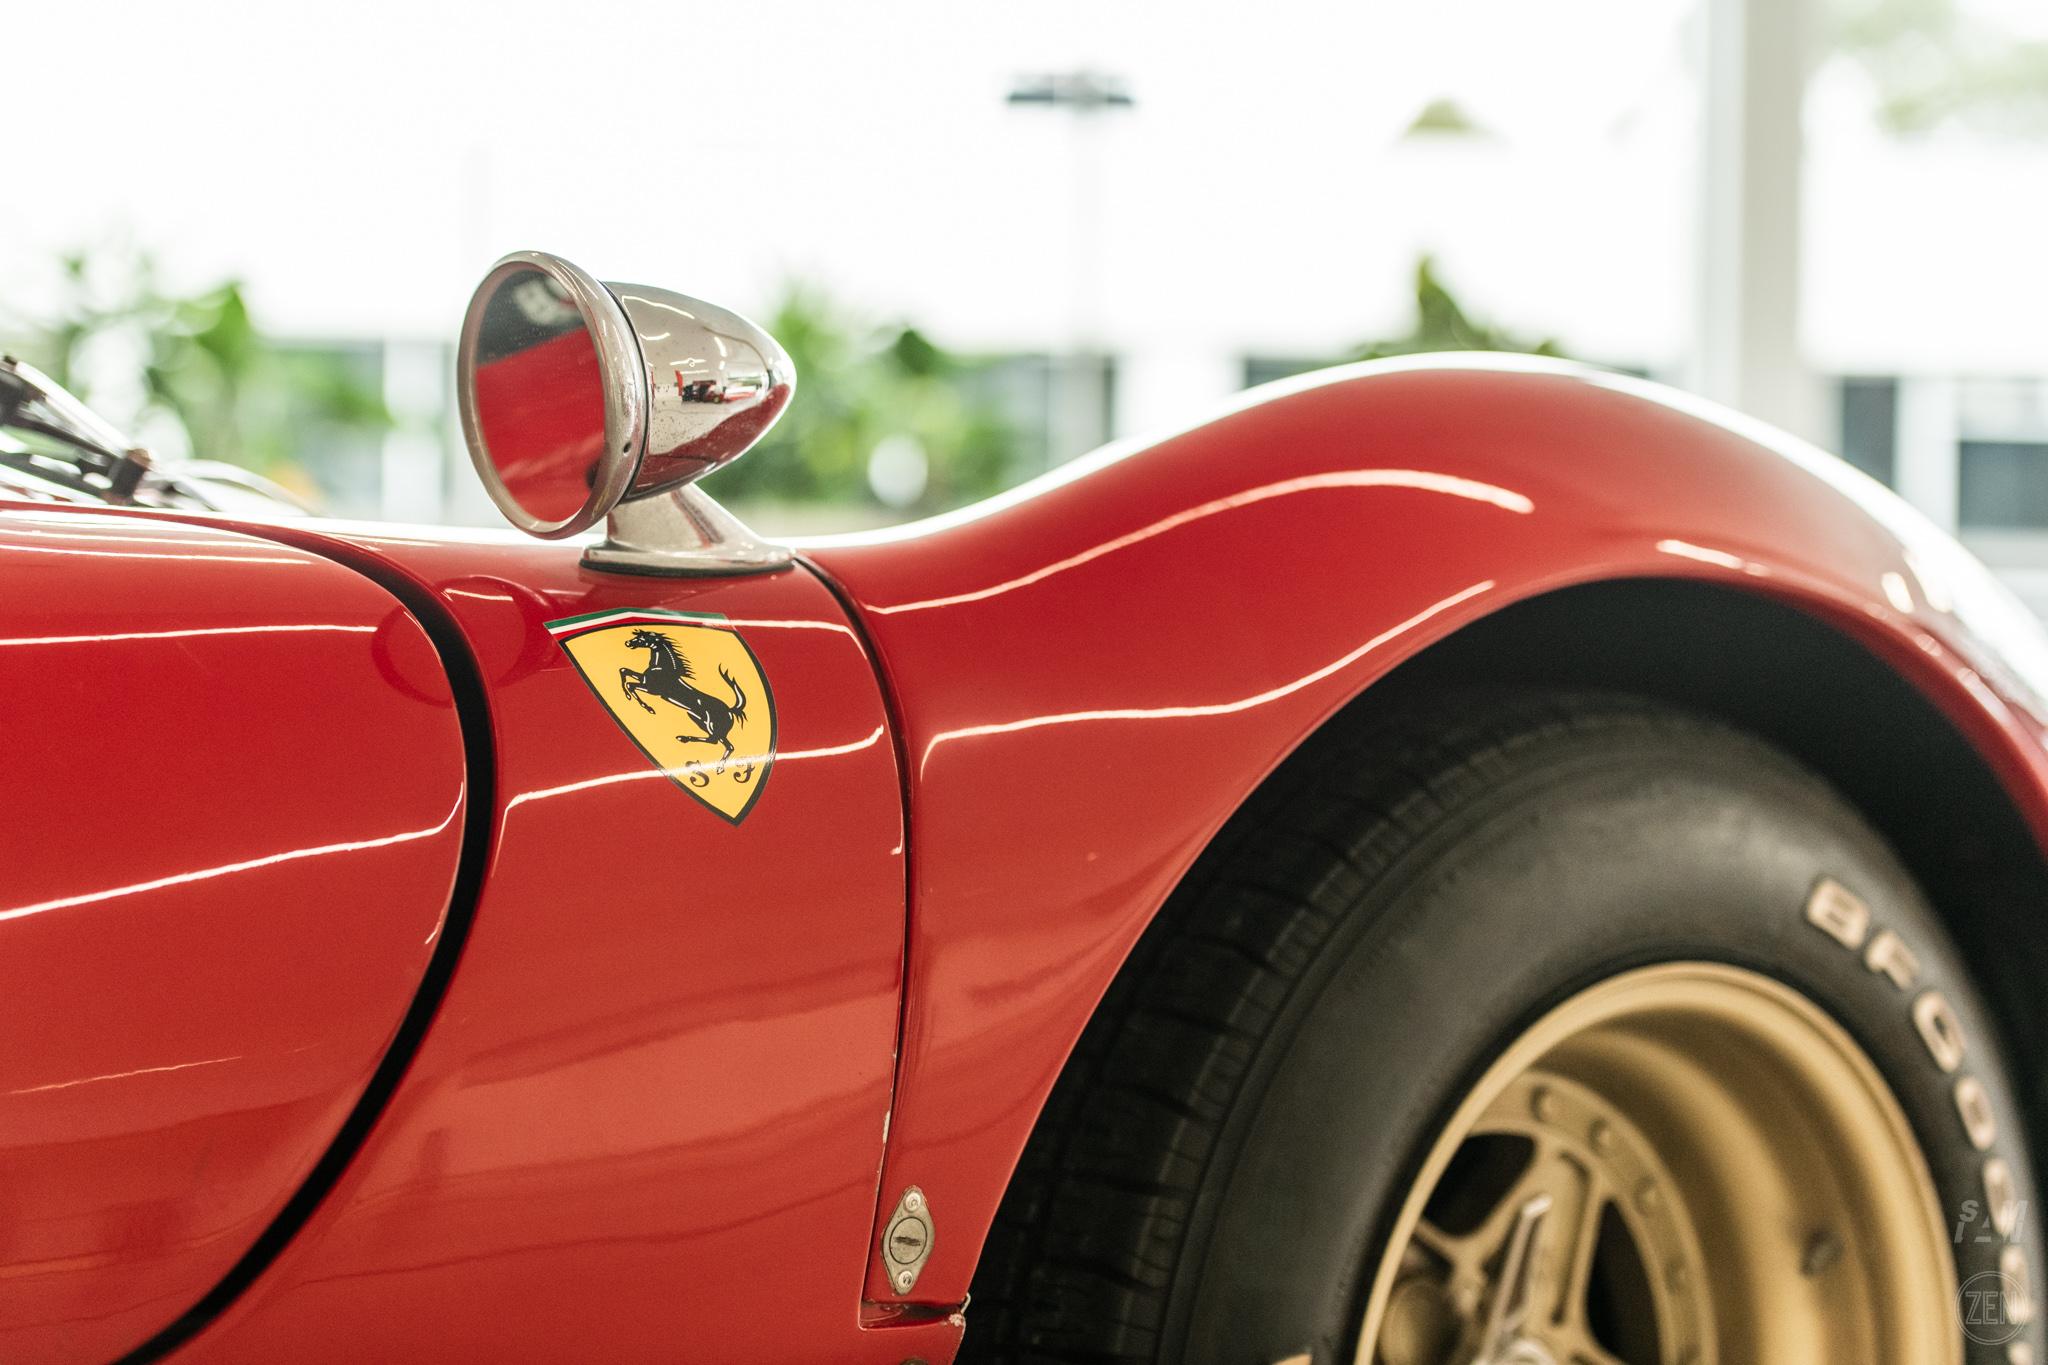 2019-09-21 - Ferrari Concorso 051